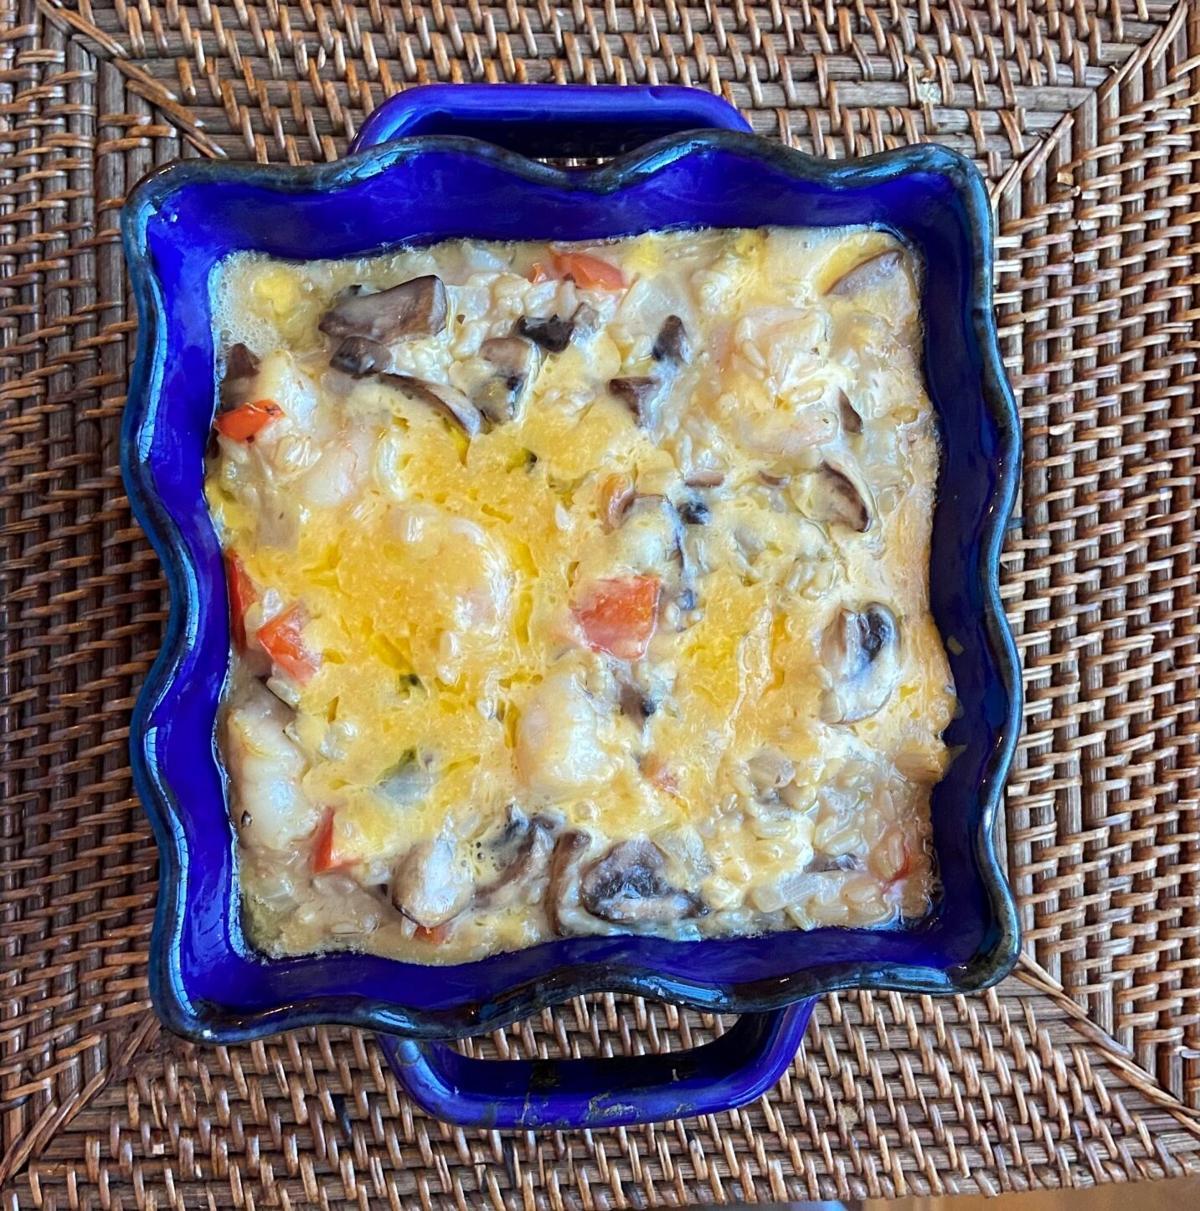 Makeover Shrimp Rice Casserole  by Judy Walker 2.jpg